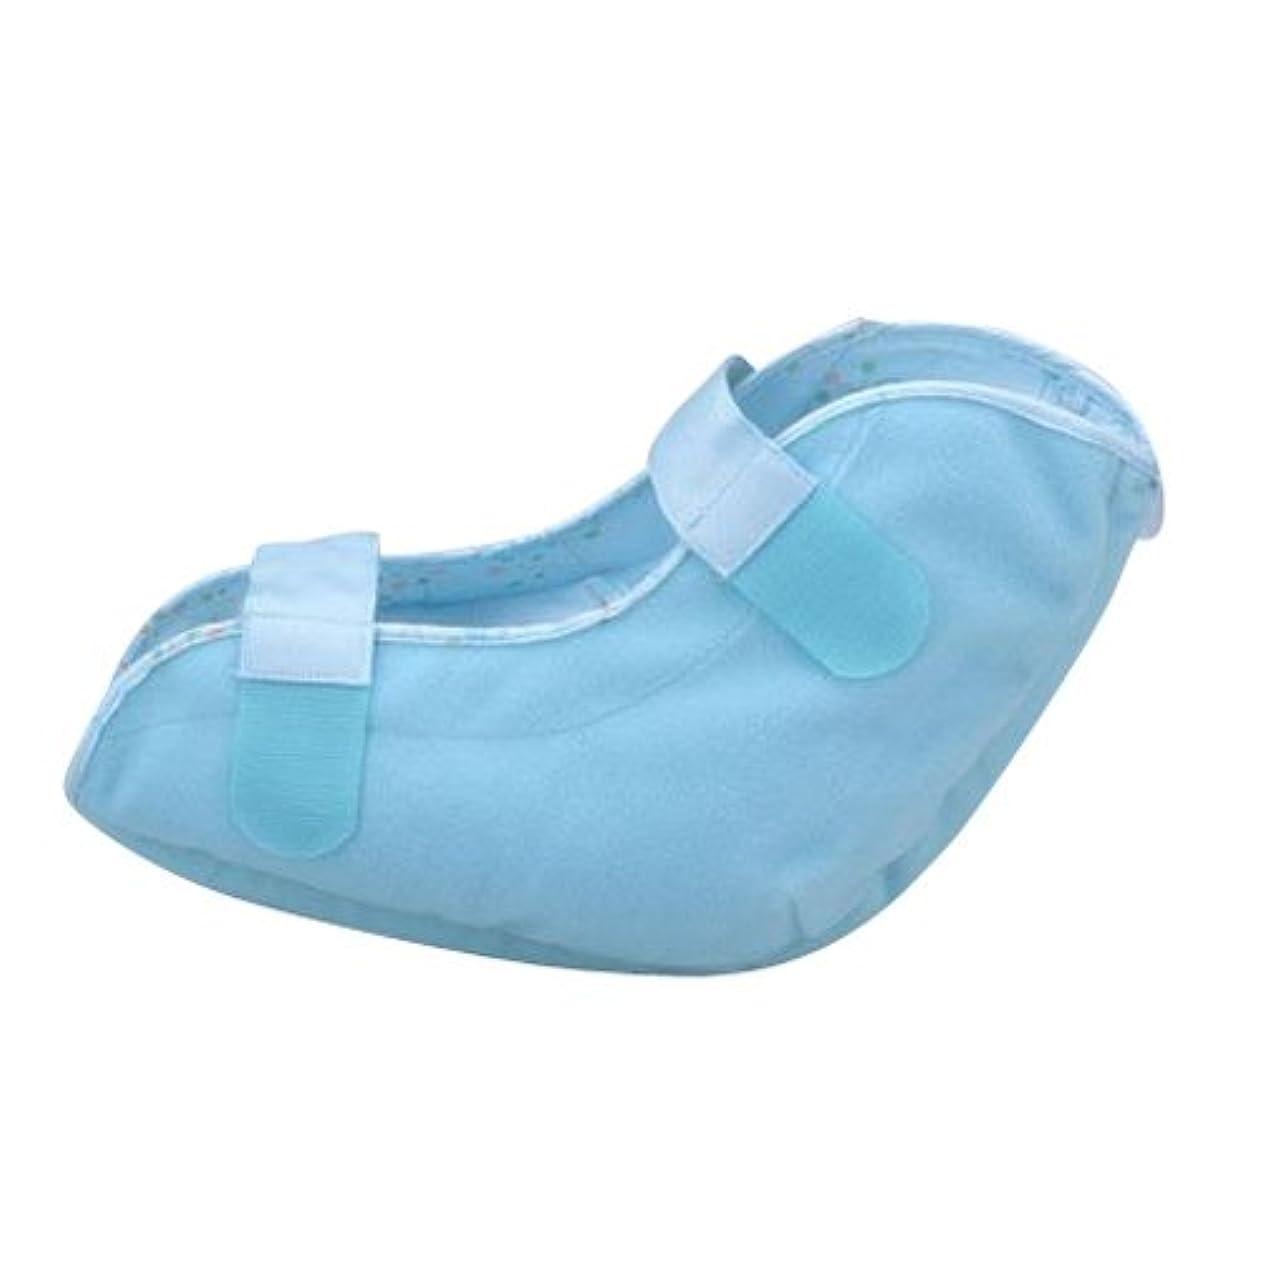 弓人工的な良性洗える通気タイプ かかと用パッド(1個入り) 1663 ブルー